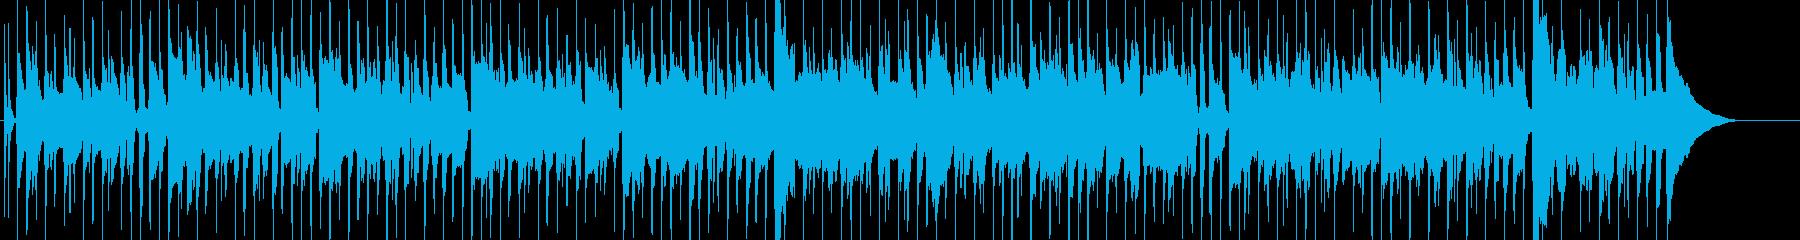 のんびりほのぼのとした日常系ポップスの再生済みの波形